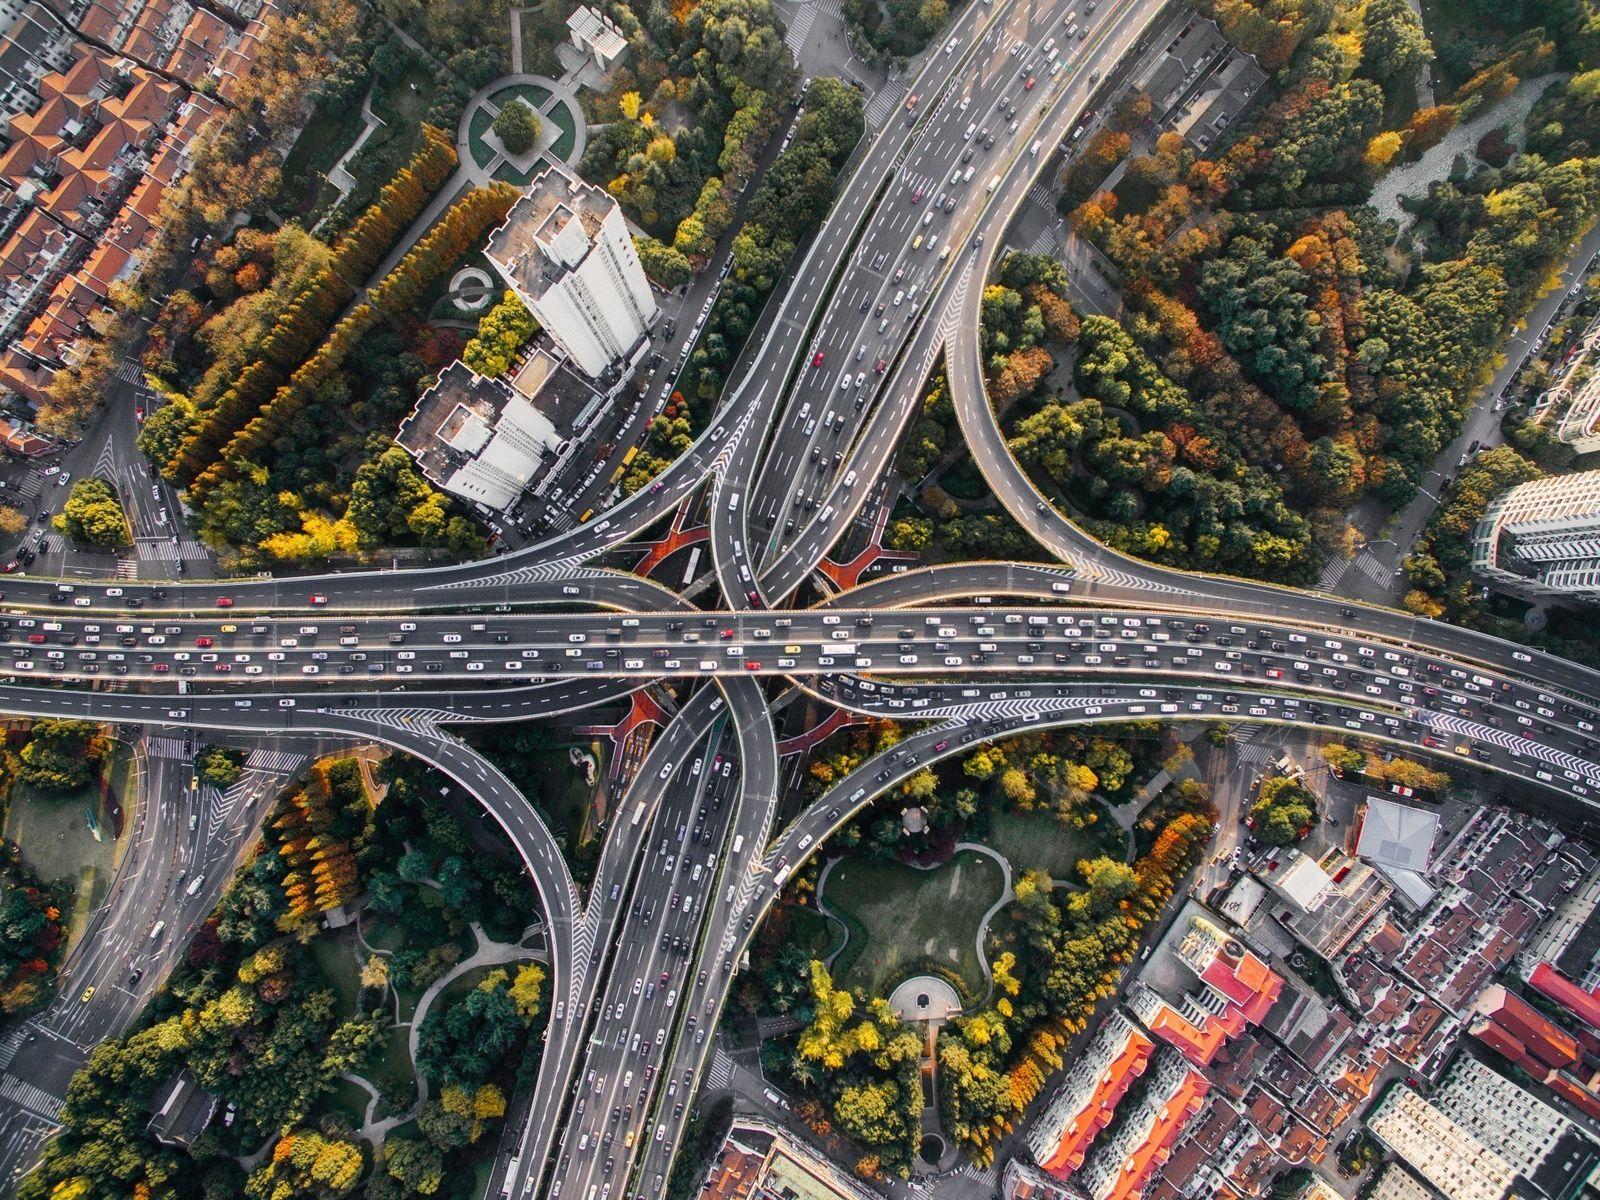 Luftaufnahme von urbanem Gebiet